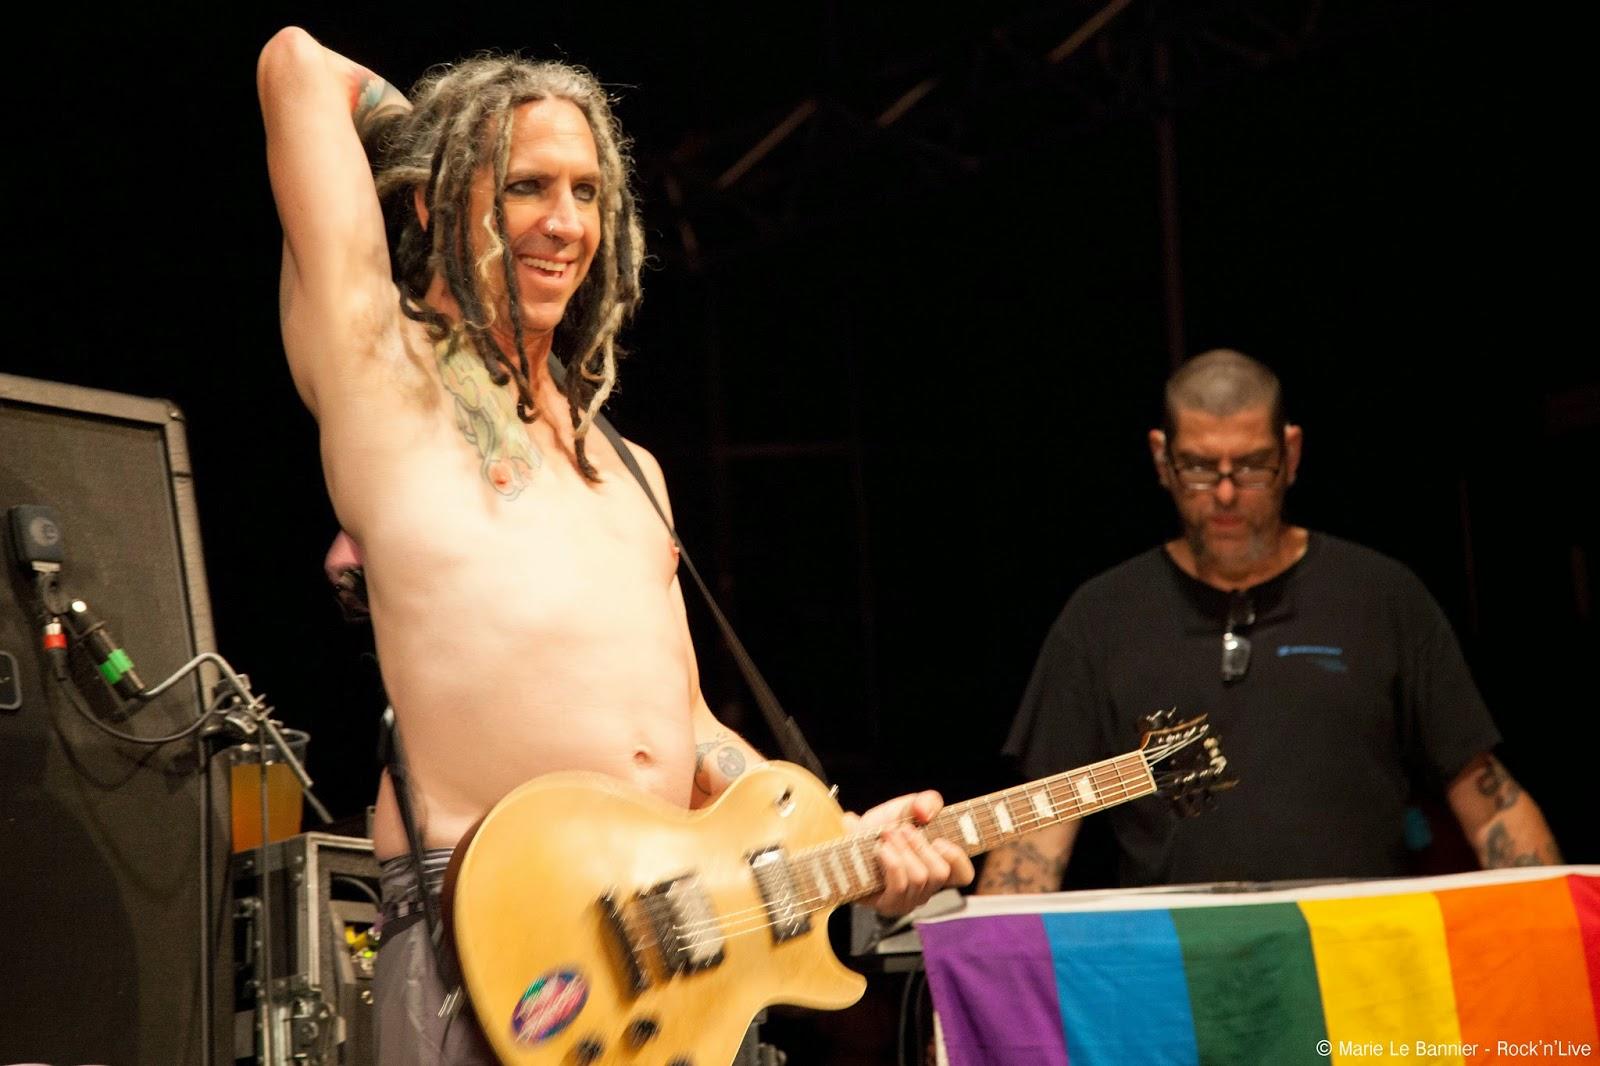 NOFX Fat Mike Trianon Paris Rock'n'Live 2014 Concert Live Punk Rock We Care Booking Marie Le Bannier Linoleum 72 Hookers 60% Leave It Alone Fat Wreck Chords